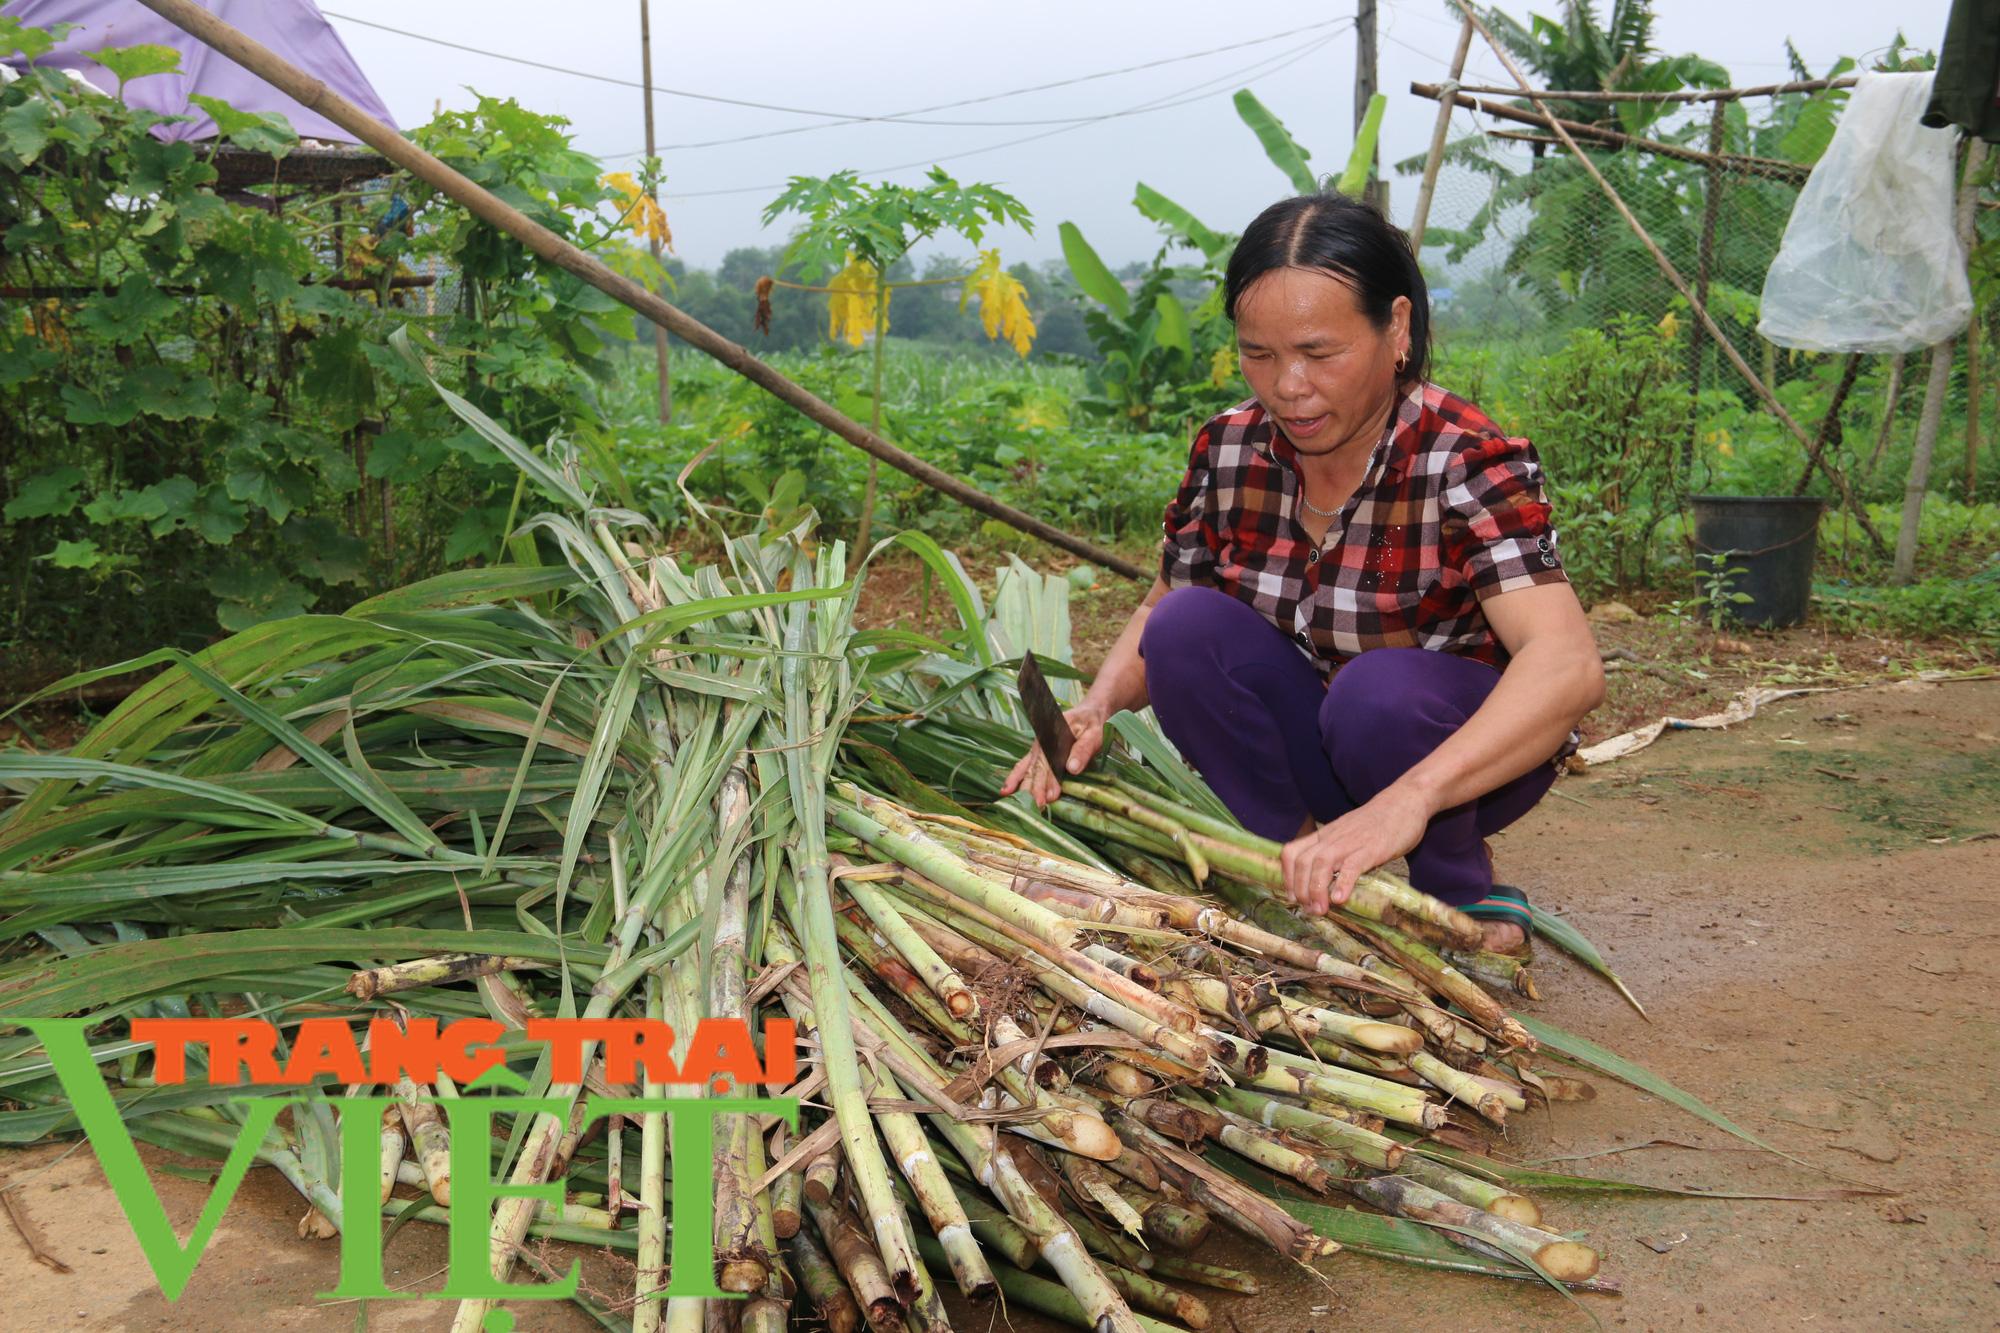 Hiệu quả mô hình nuôi trâu vỗ béo của Hội Nông dân xã Dũng Phong - Ảnh 4.